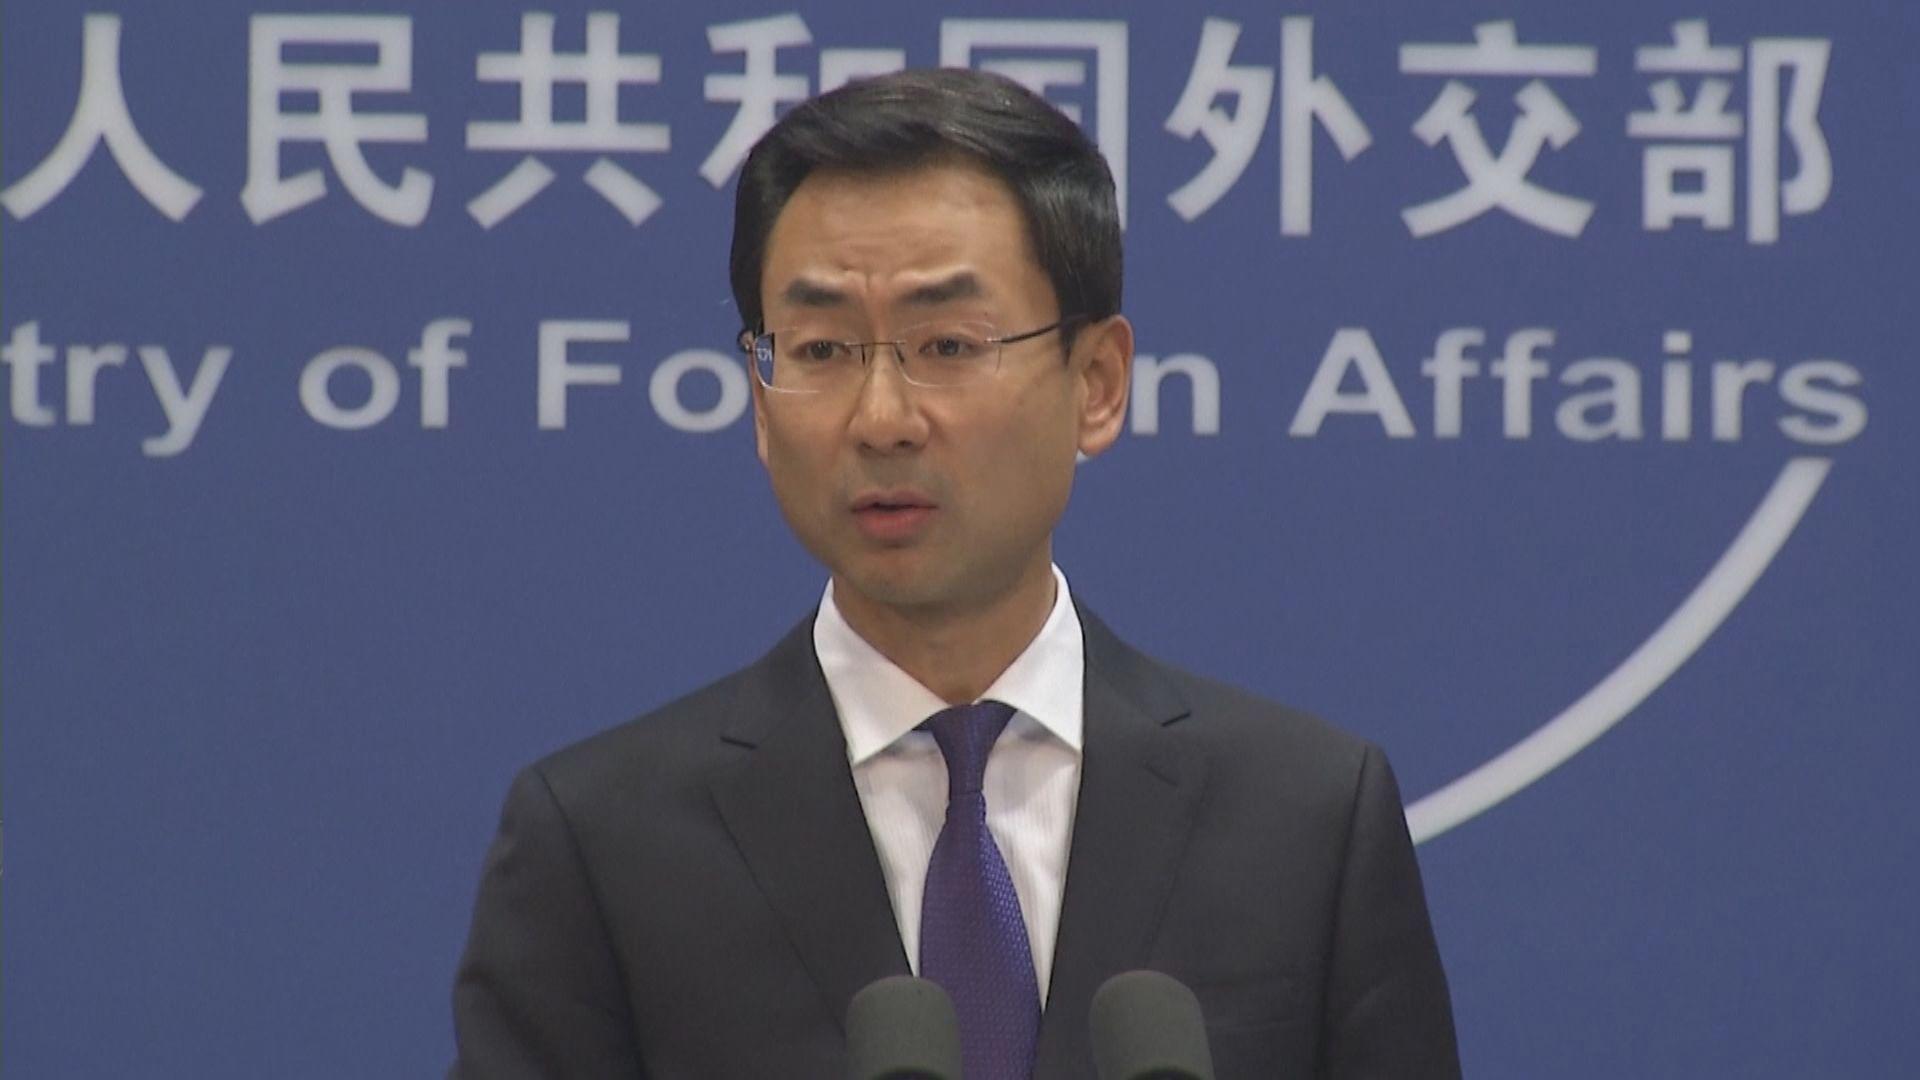 外交部:美國應對國與國之間交流有自信